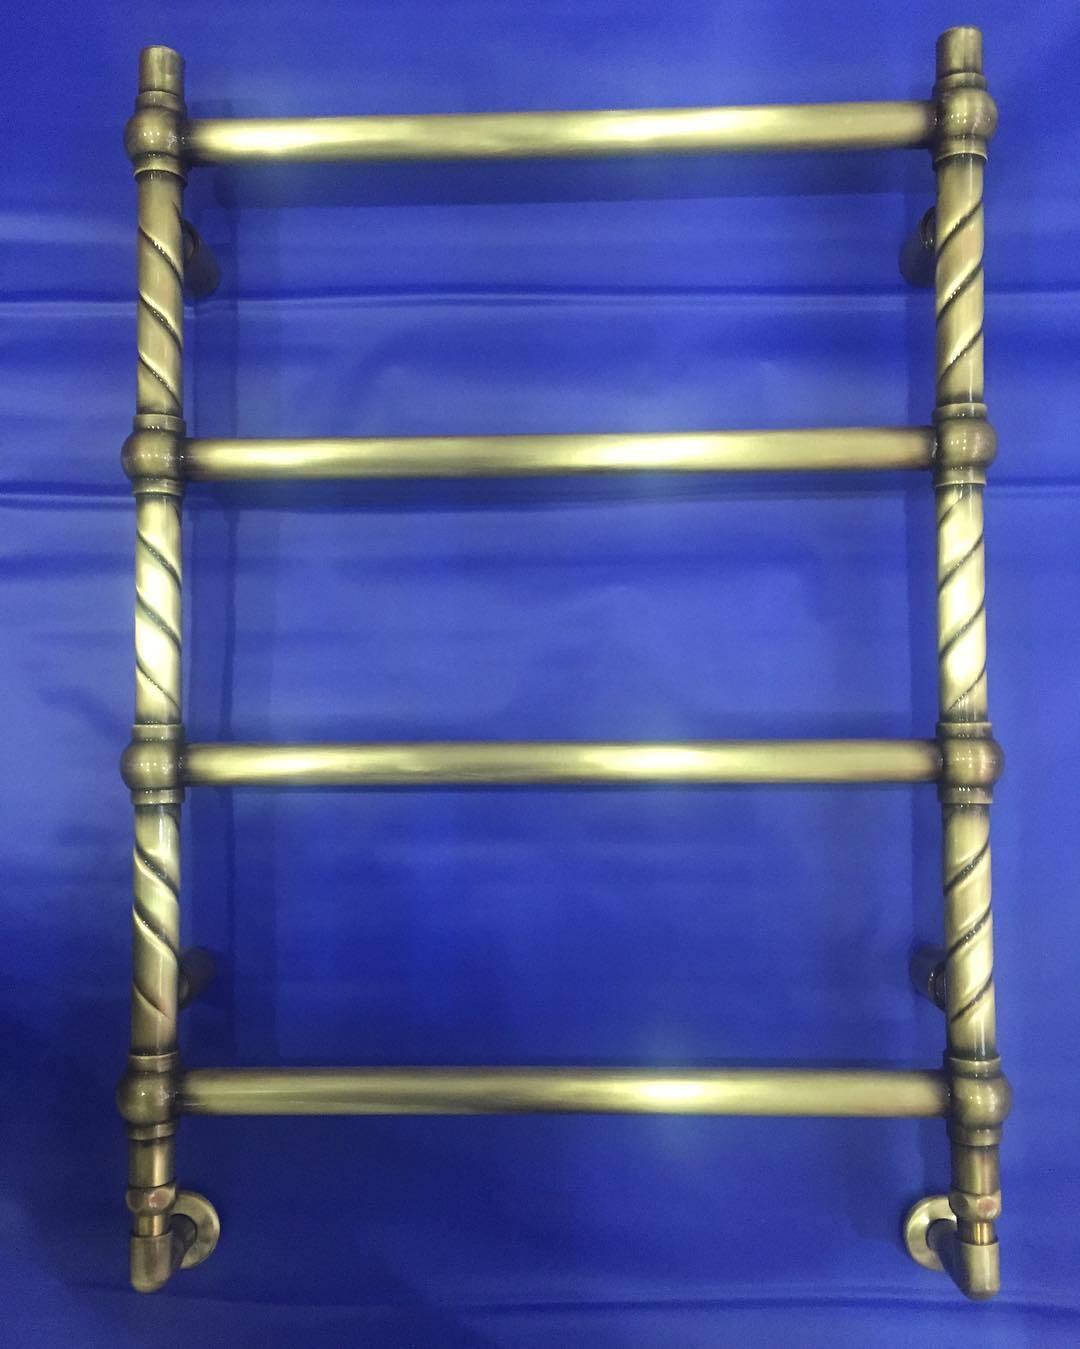 Retro B Vinage - бронзовый полотенцесушитель в стиле ретро.